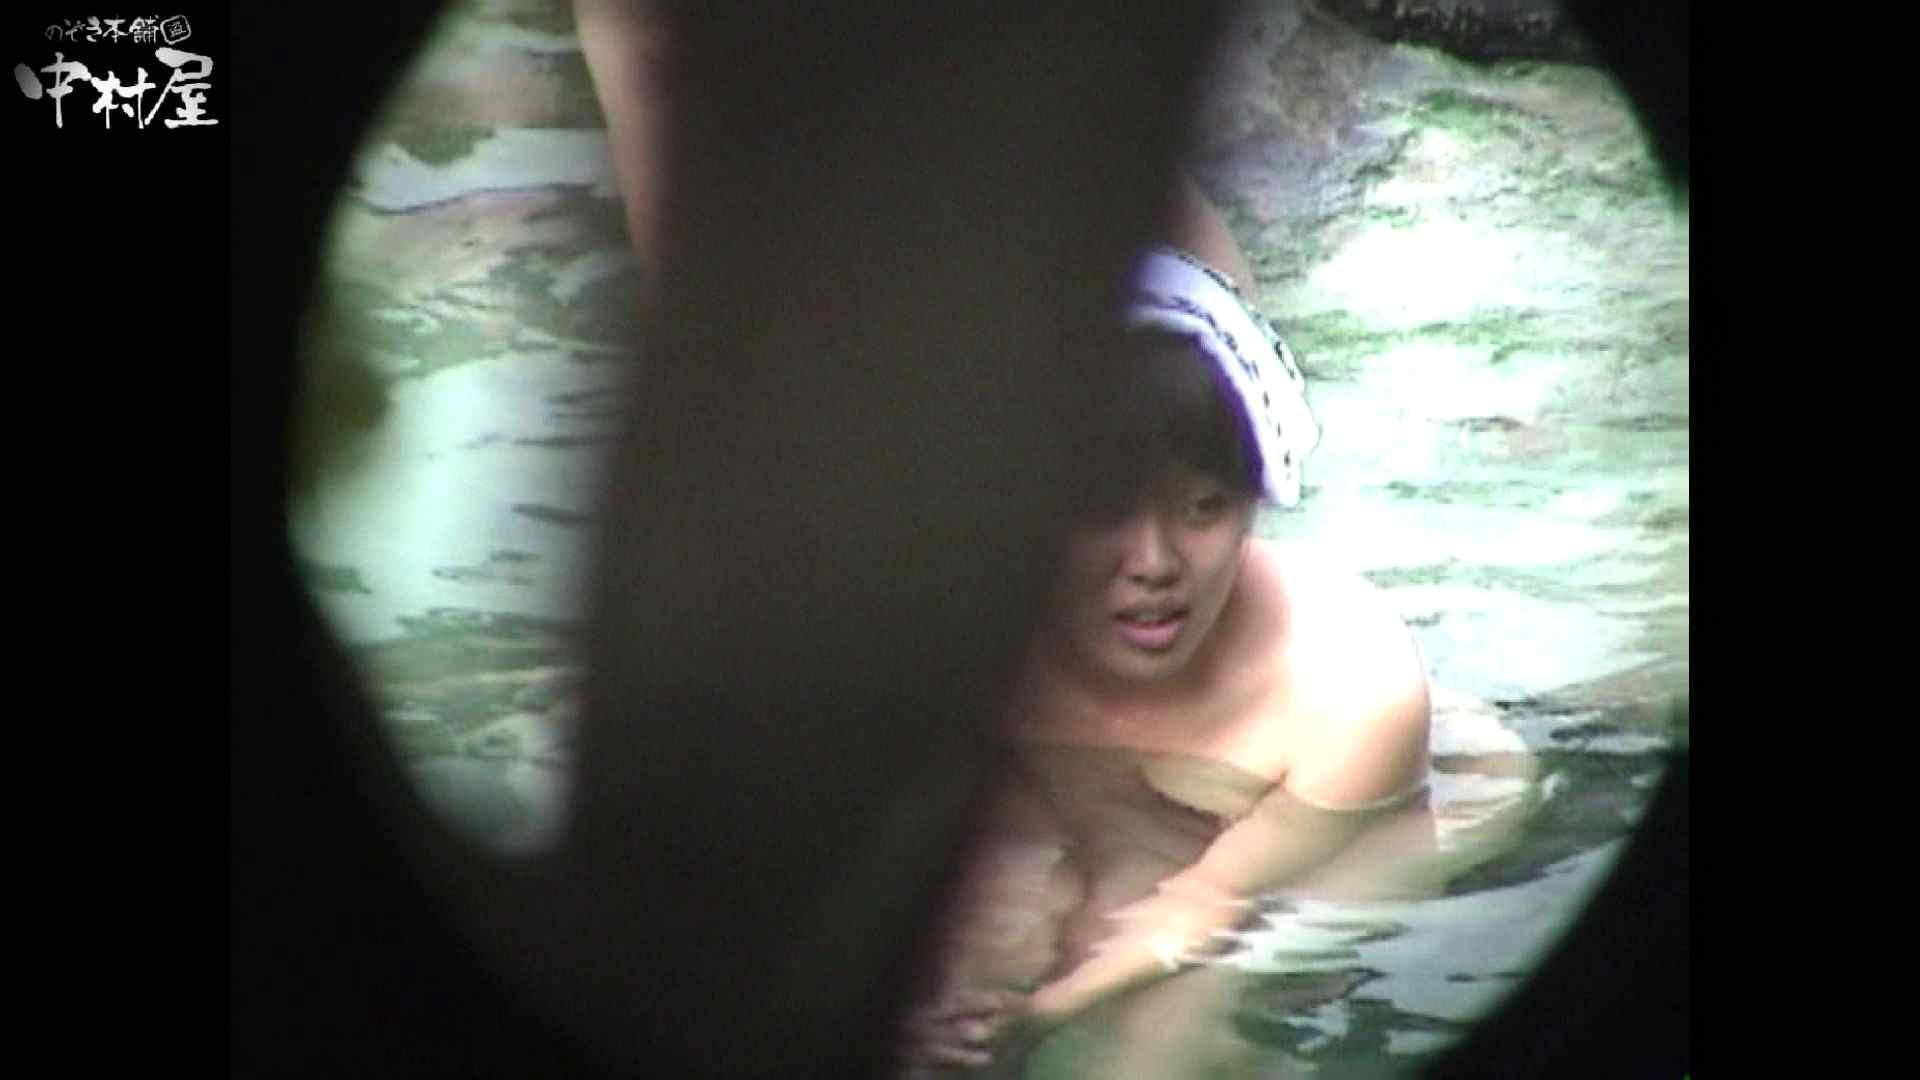 Aquaな露天風呂Vol.954 OLのエロ生活 | 盗撮  113連発 58